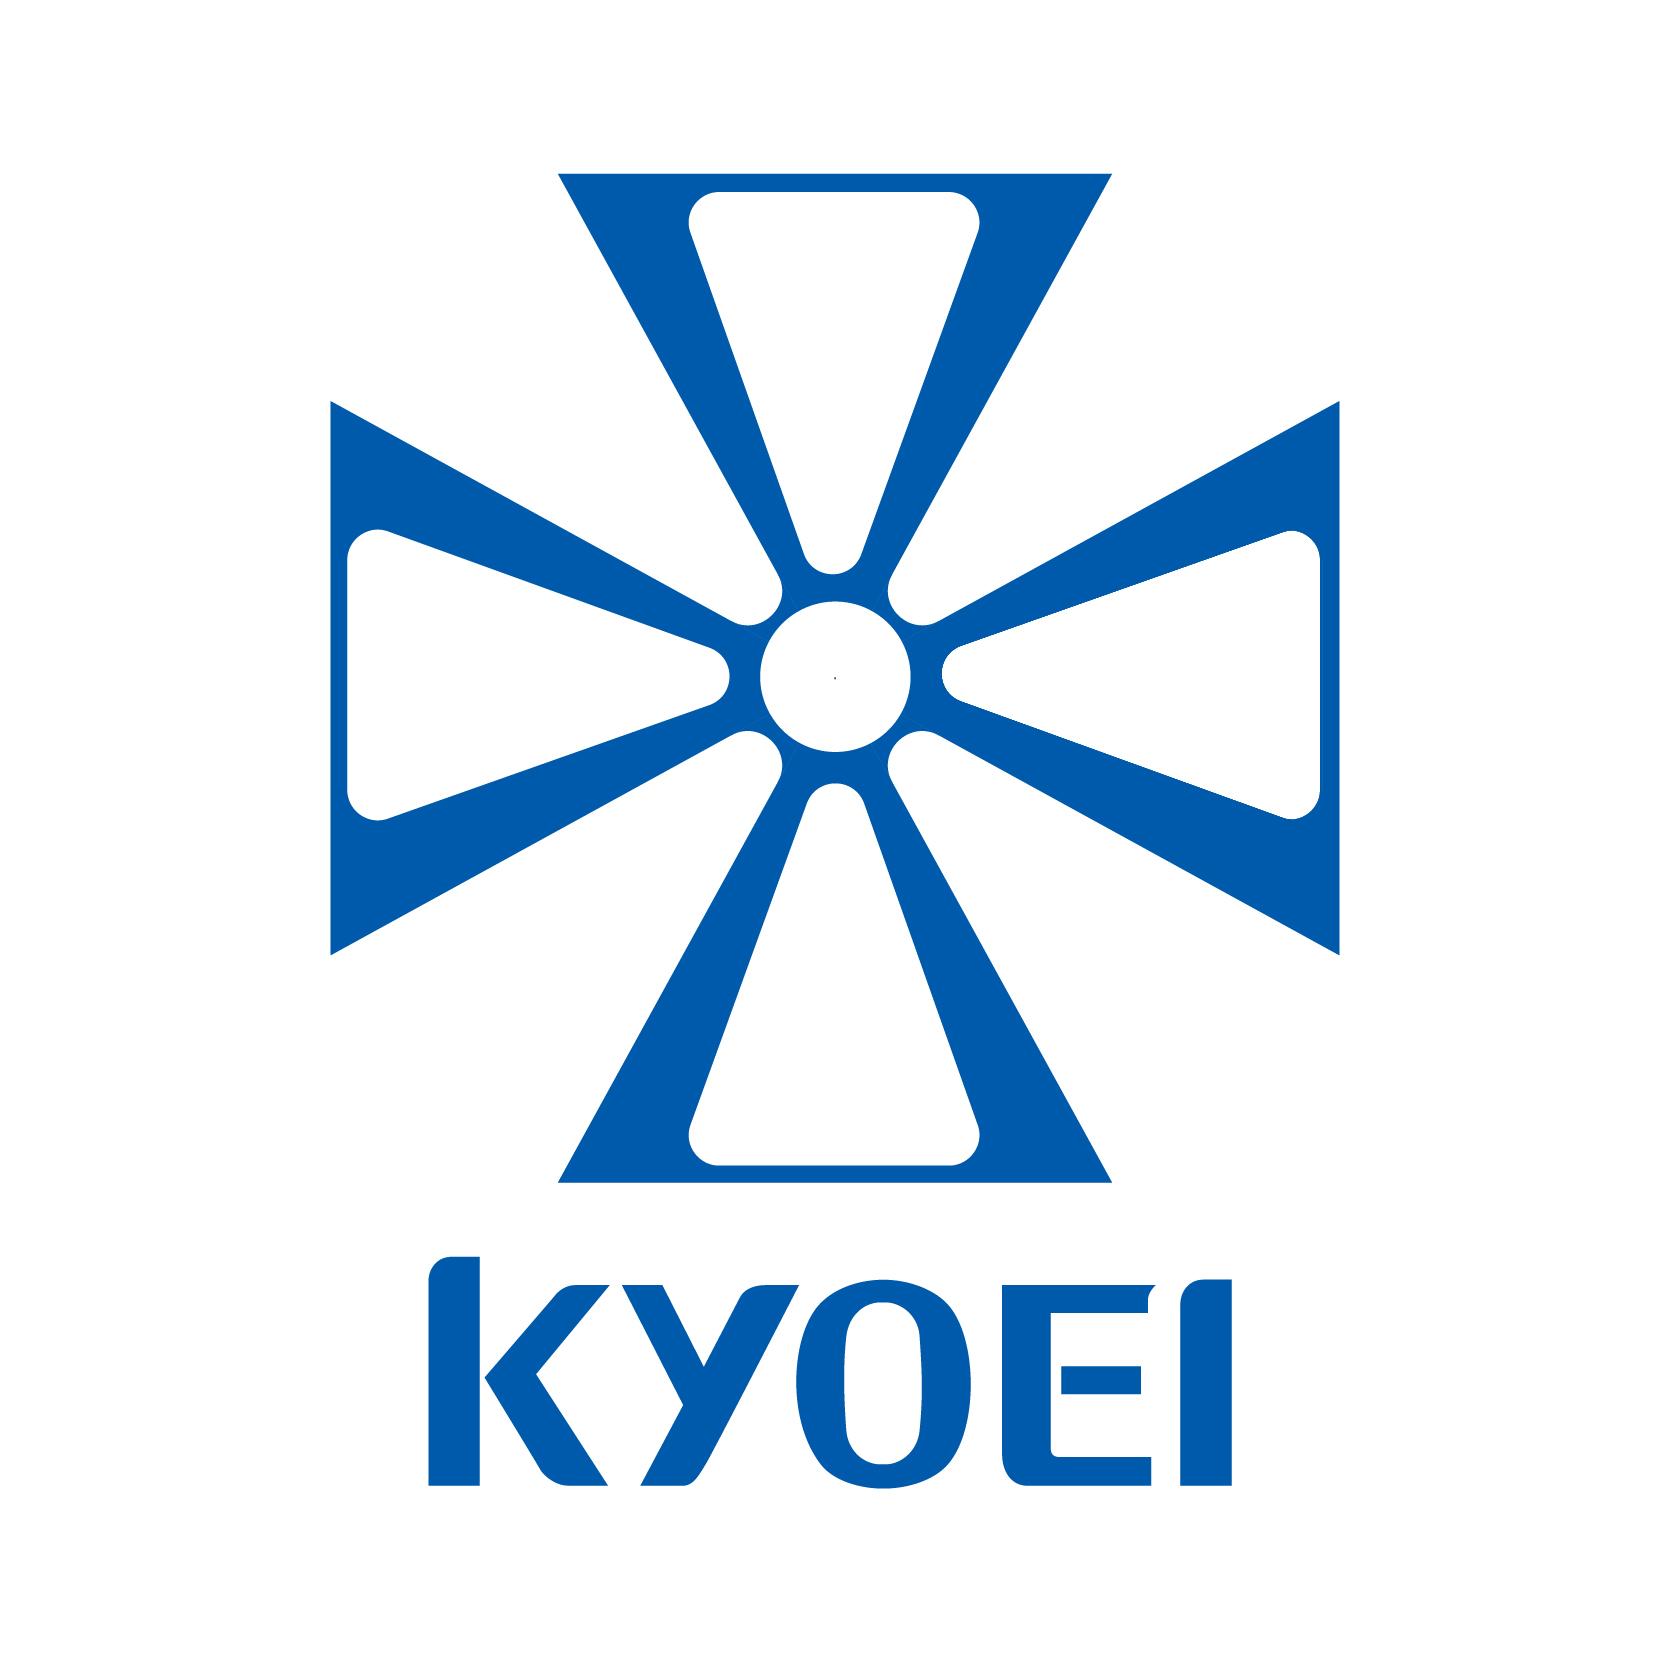 Kyoei